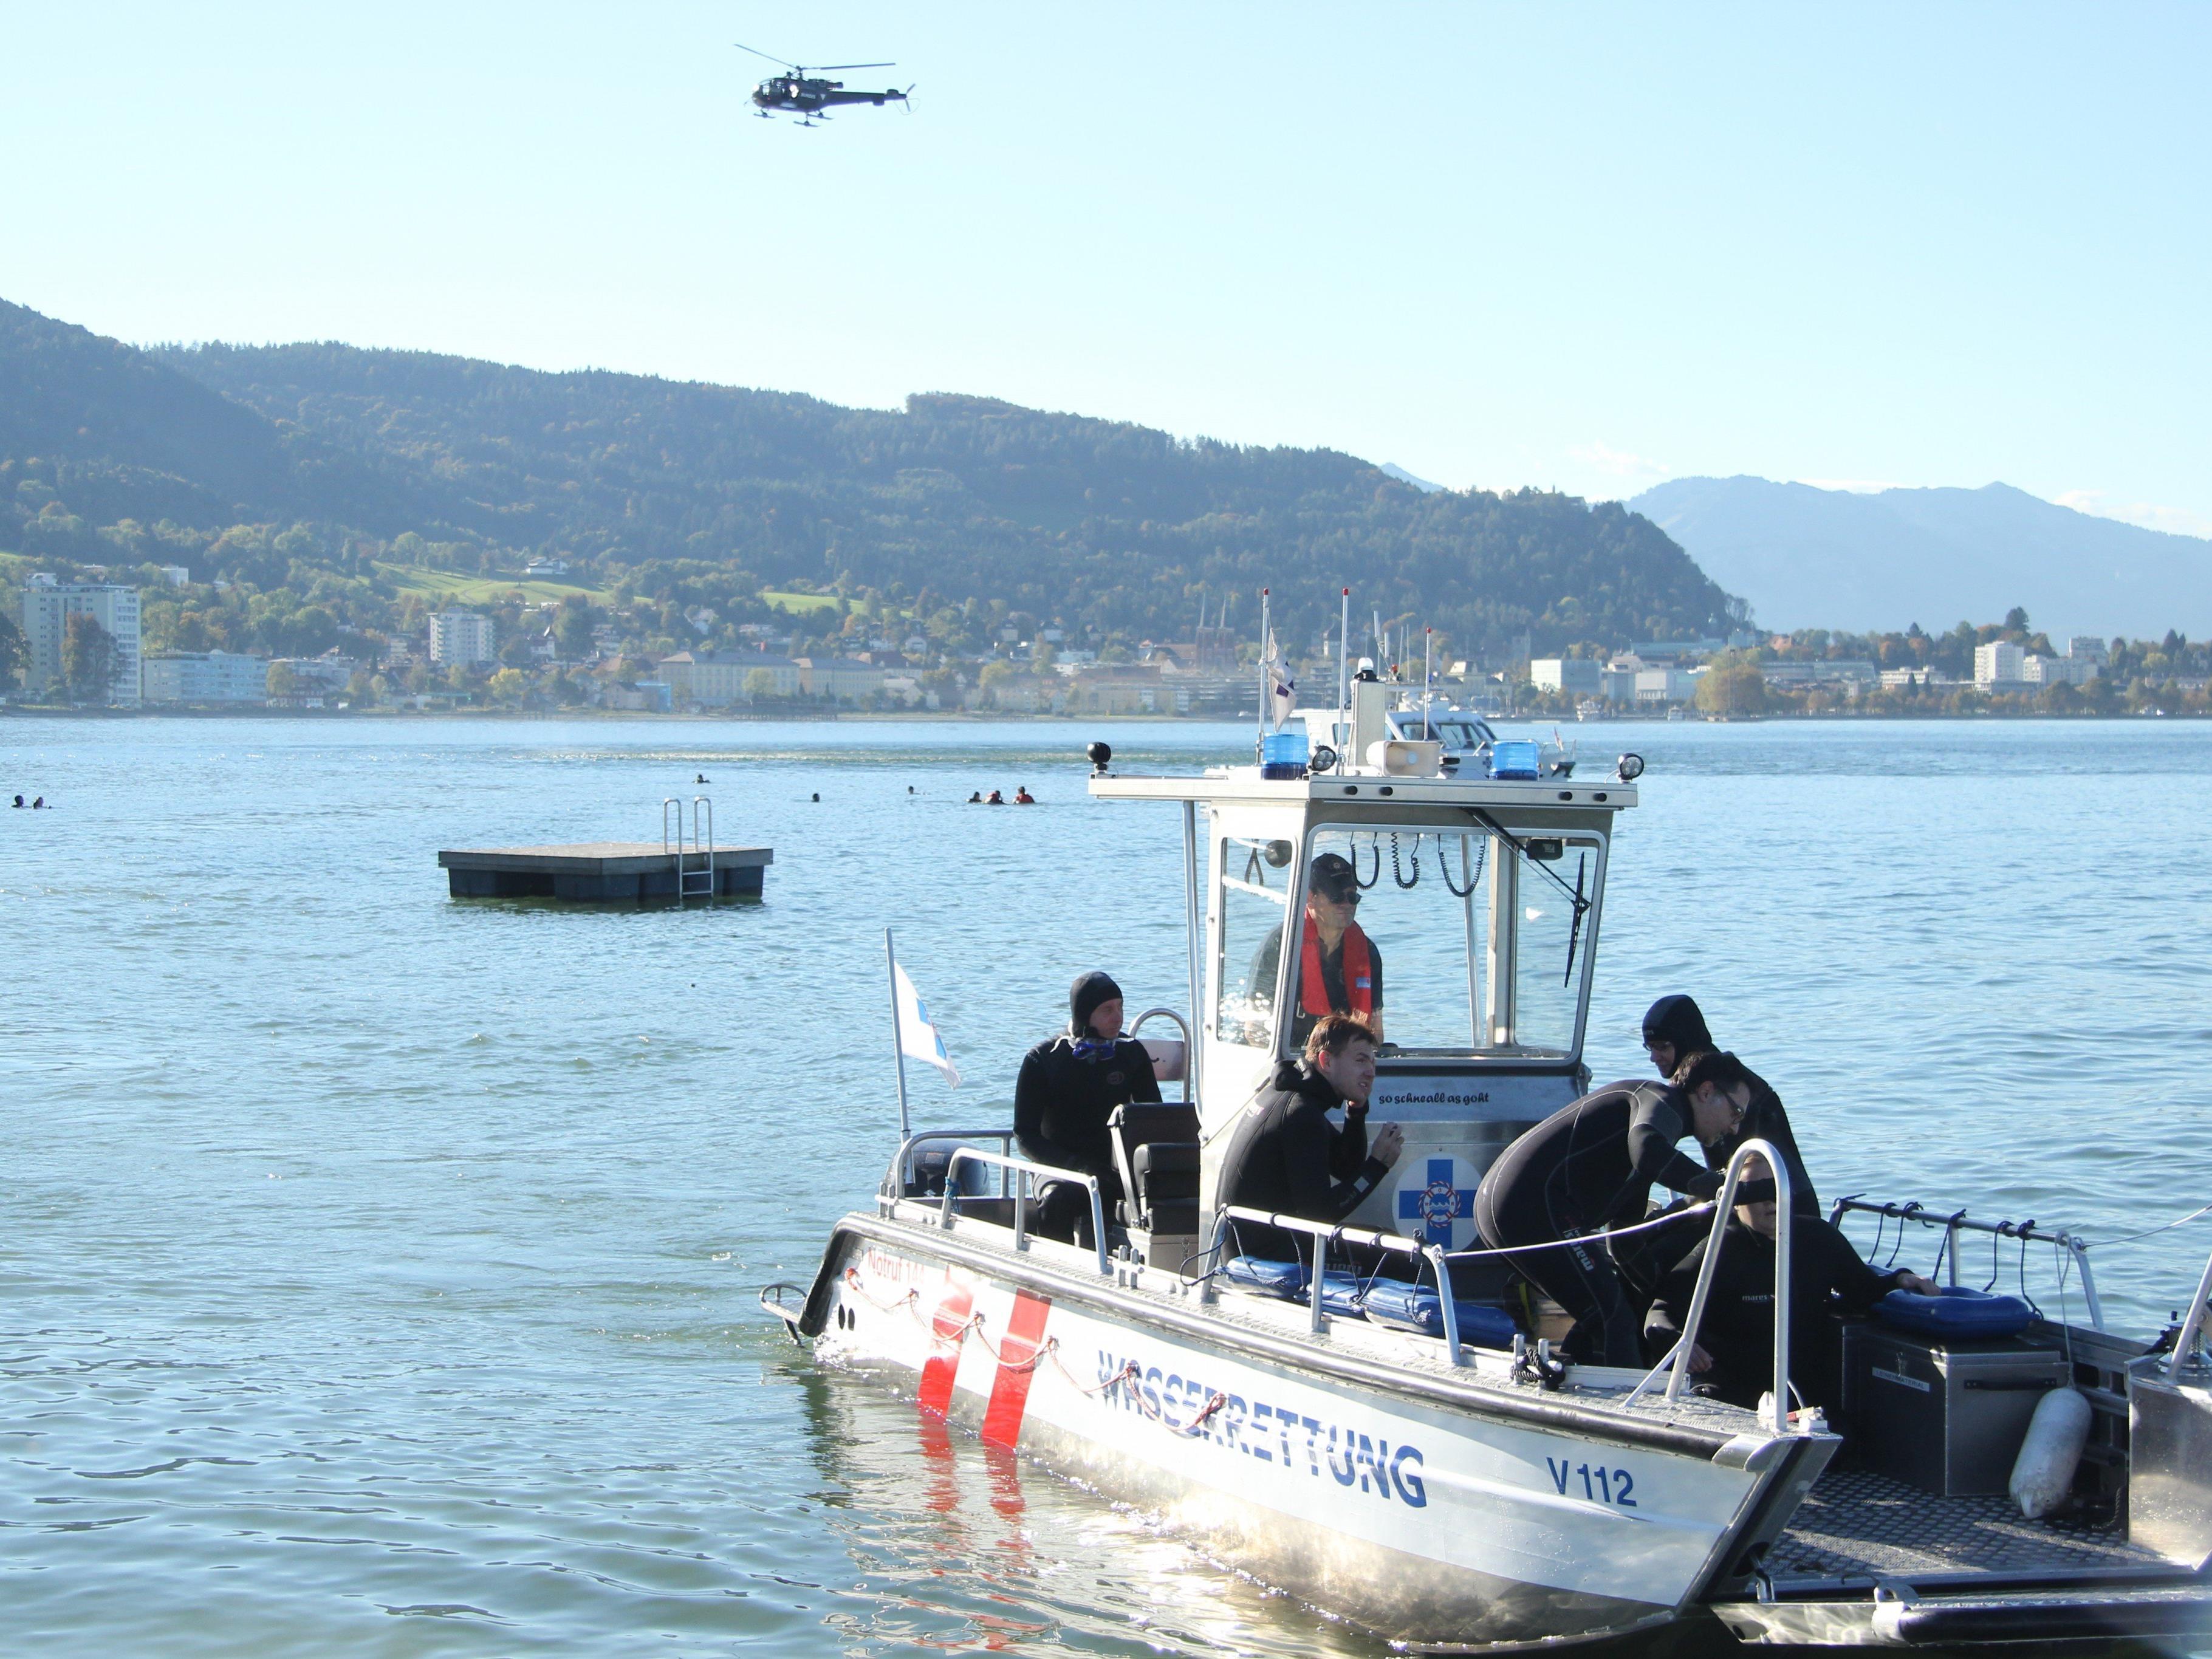 19 Personen starben im vergangenen Jahr im Bodensee.